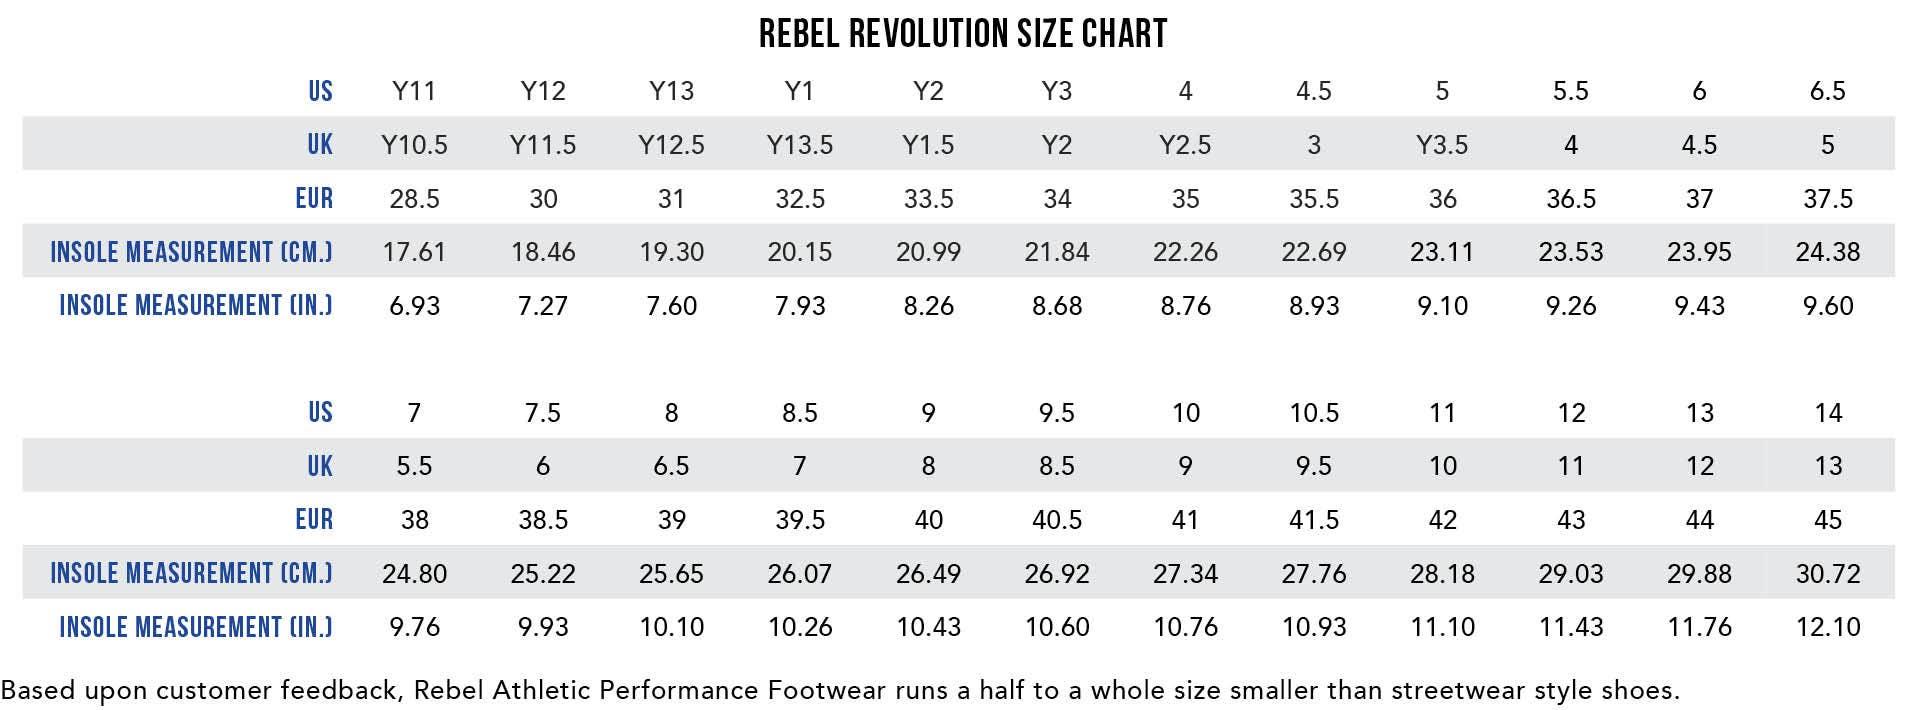 Revolution Size Chart